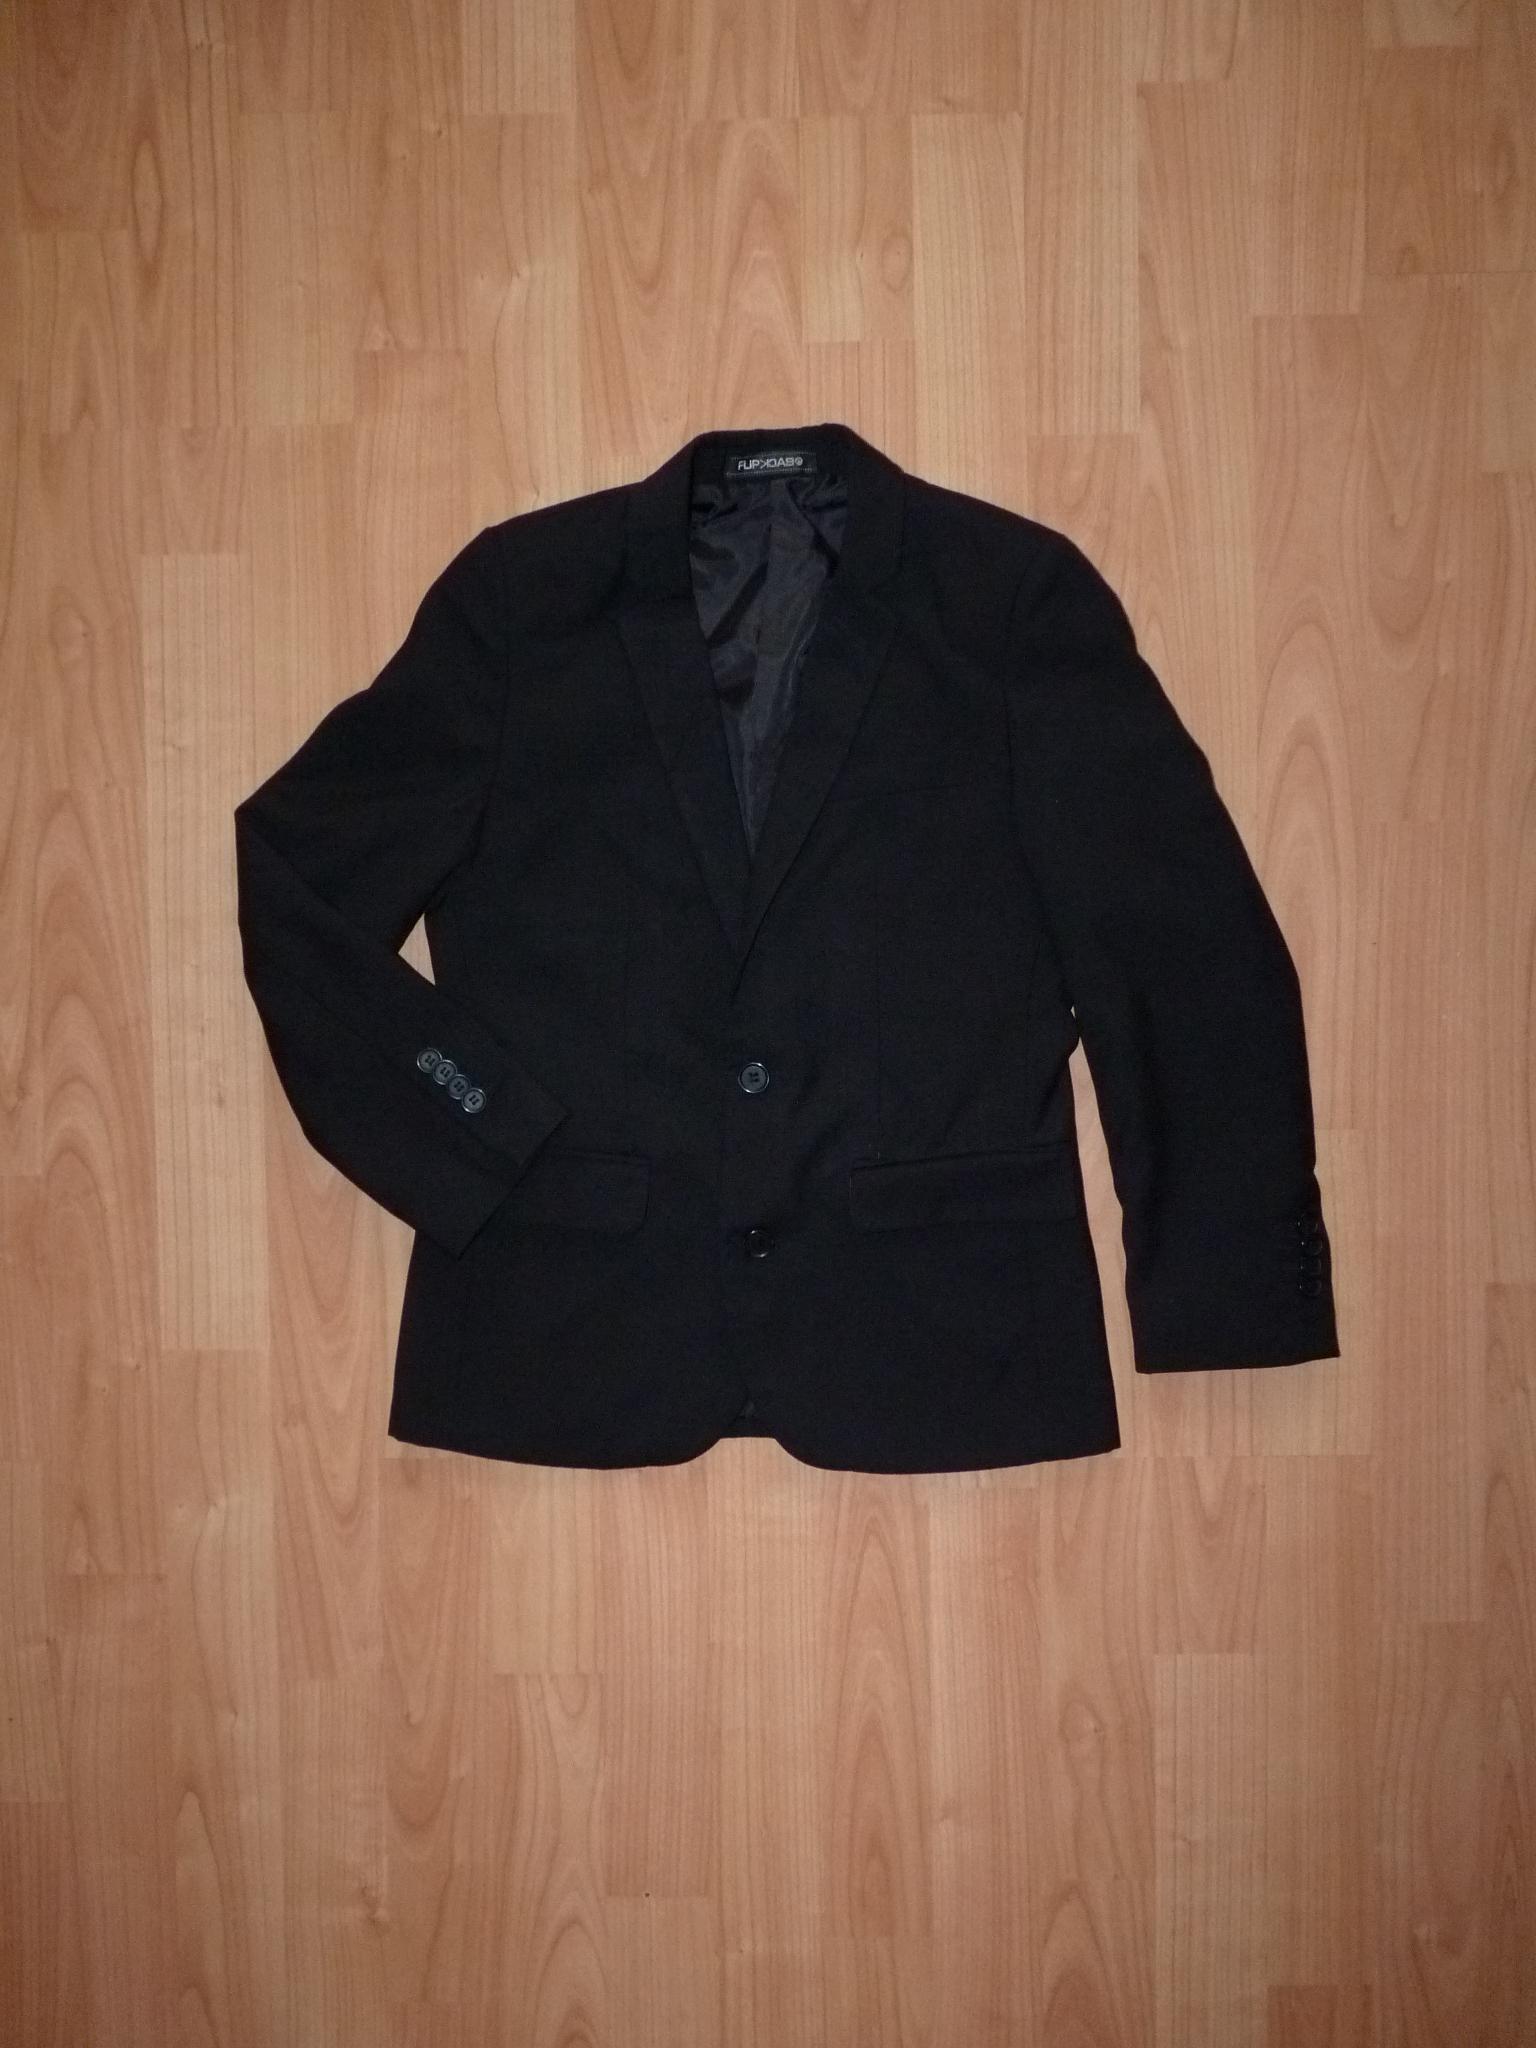 f985797a29 134/140-es fekete alkalmi zakó - 134 - Lurkoshop gyerekruha webshop